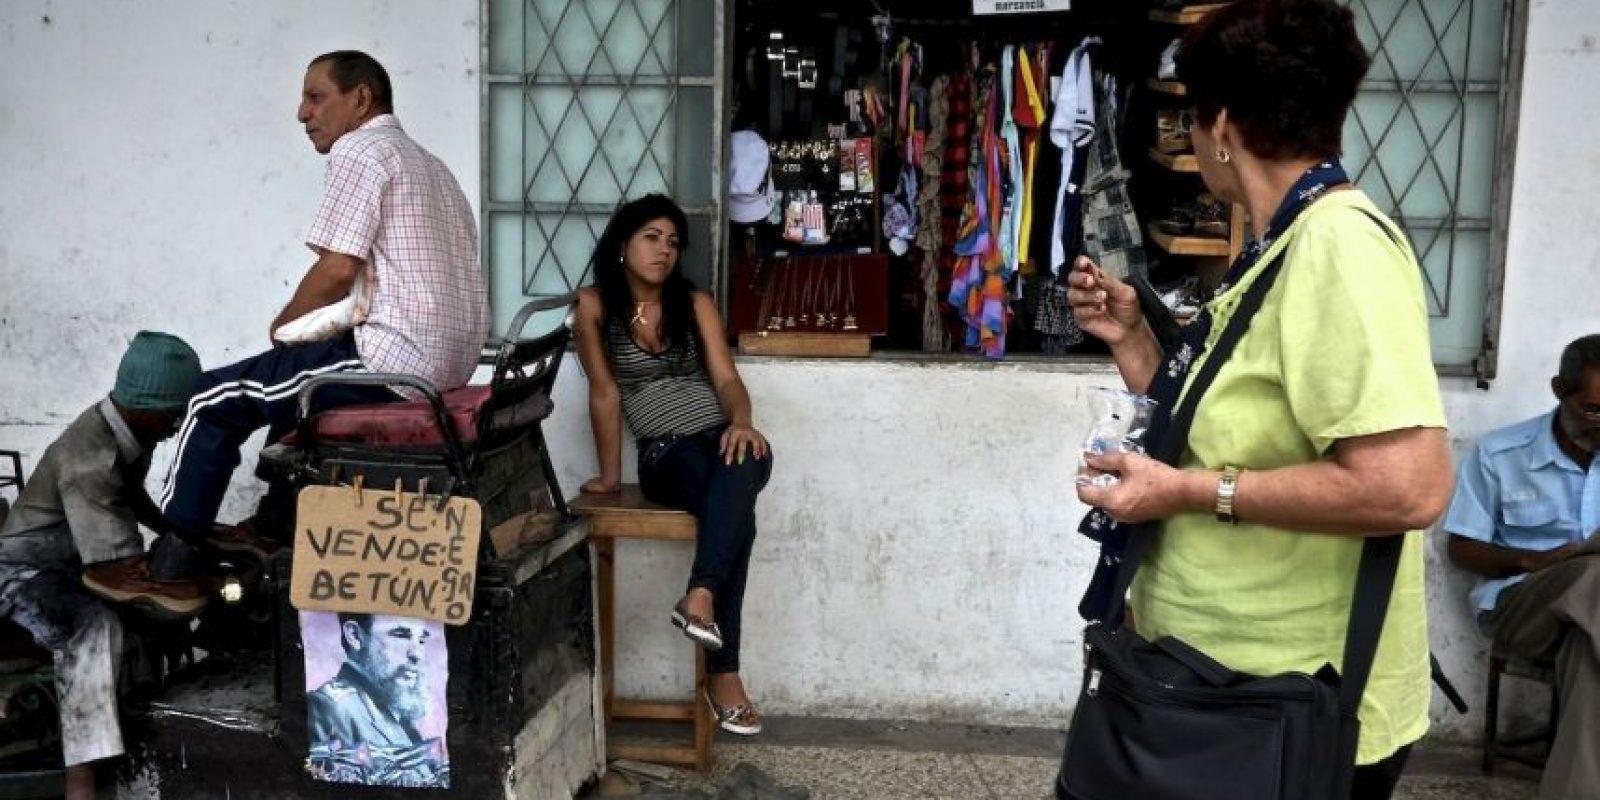 La portavoz agregó que urgirá a Cuba a que cumpla con la liberación de la totalidad de los presos políticos. Foto:Getty